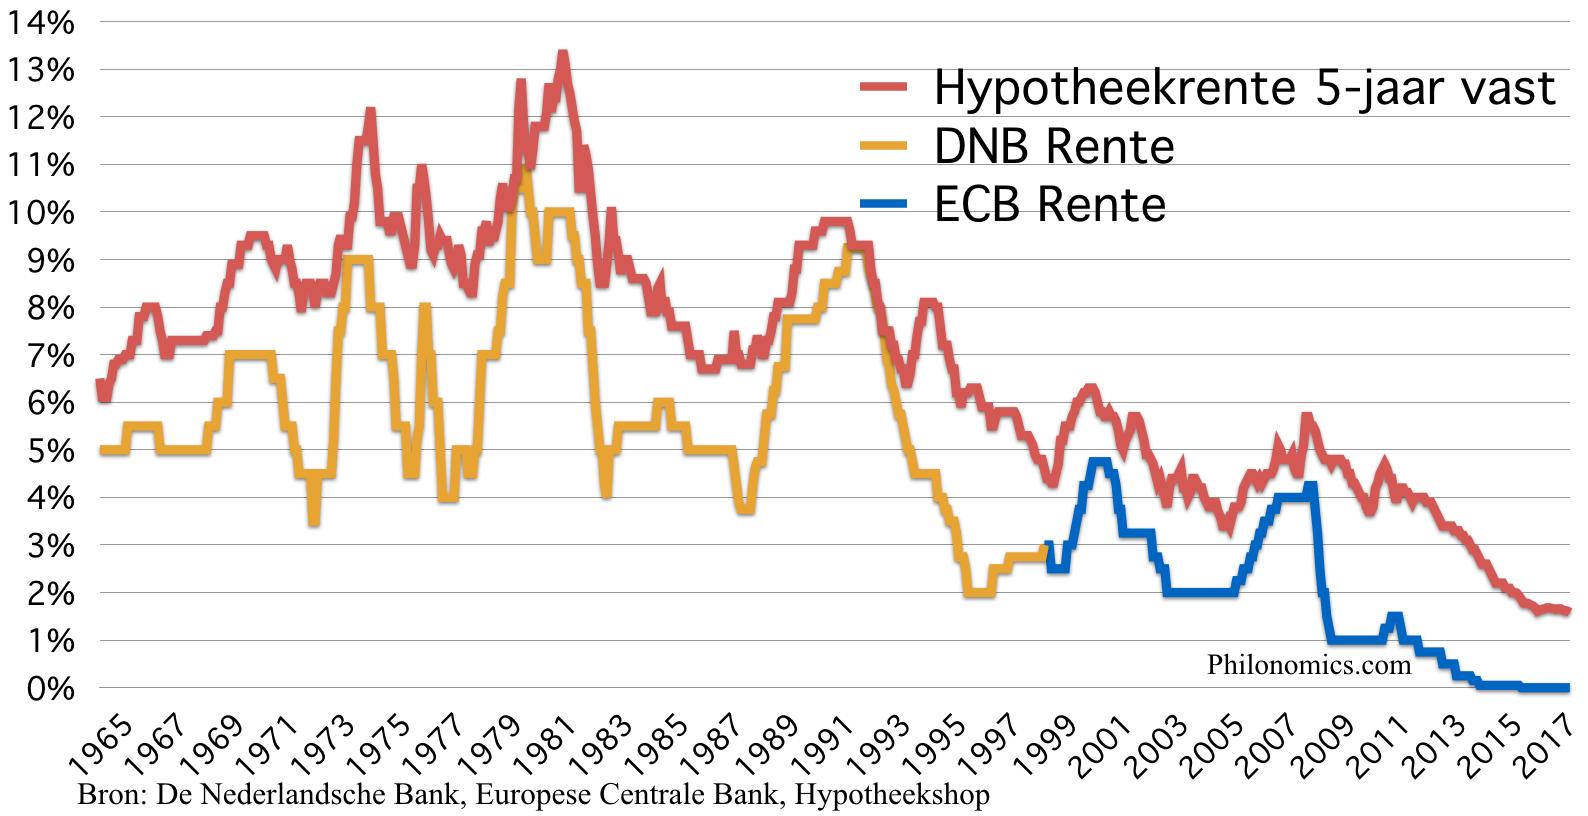 Nederlandse centrale bank rente en hypotheekrente 1965-2017